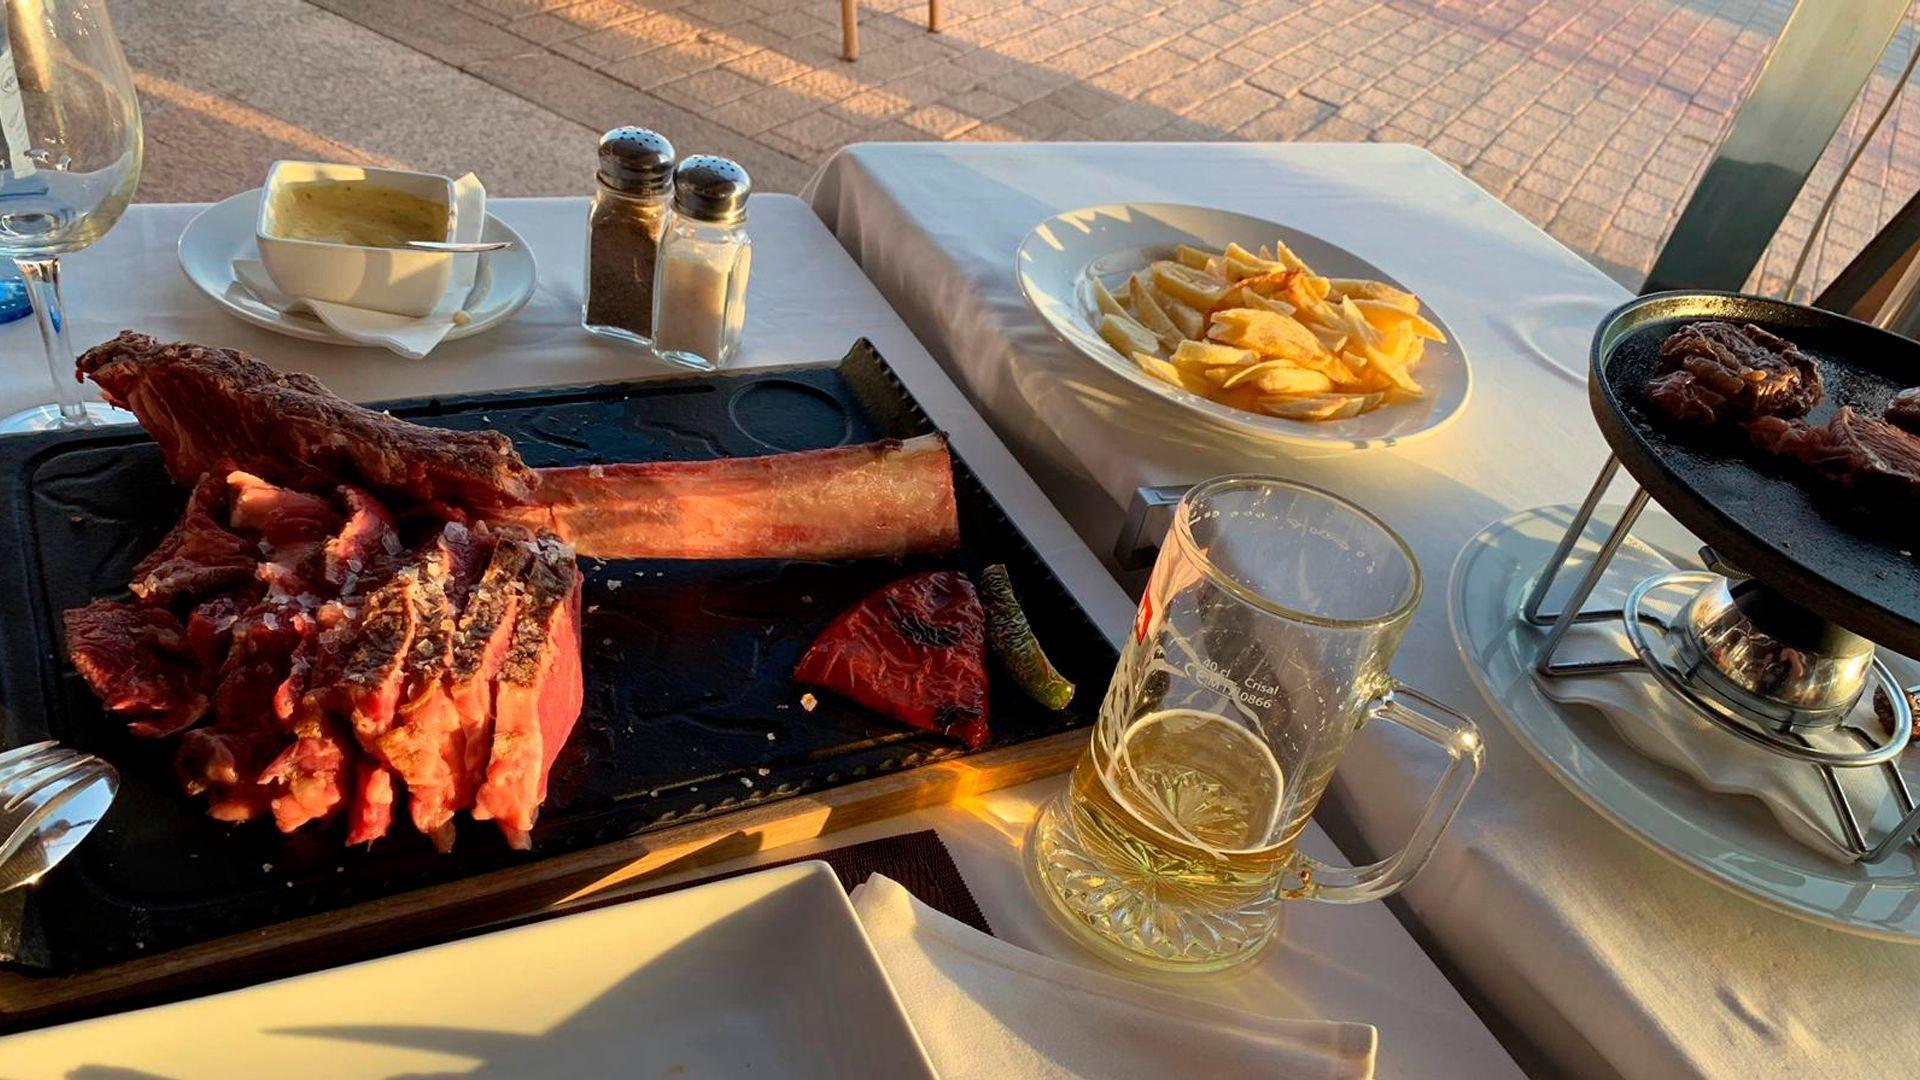 Restaurante de cocina vasco-gallega en San Bartolomé de Tirajana